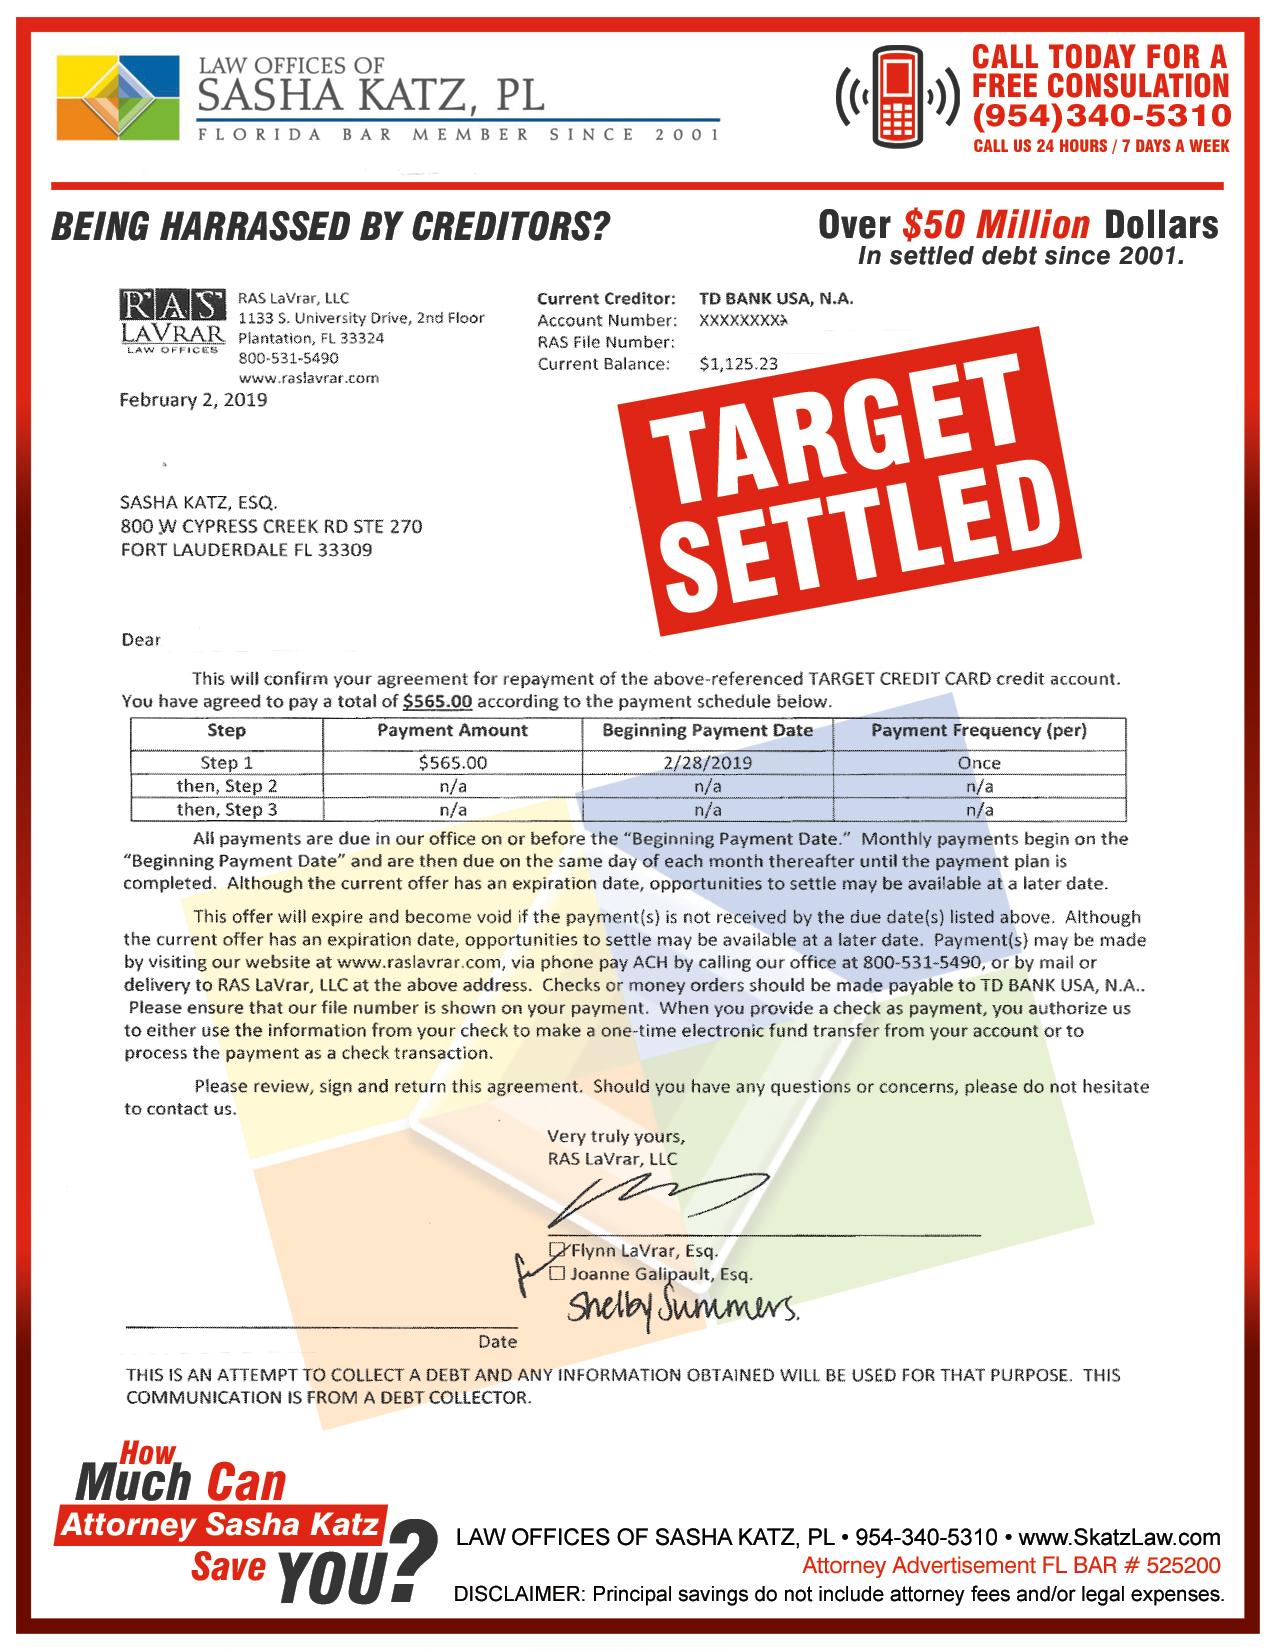 settlement_letter17_2020